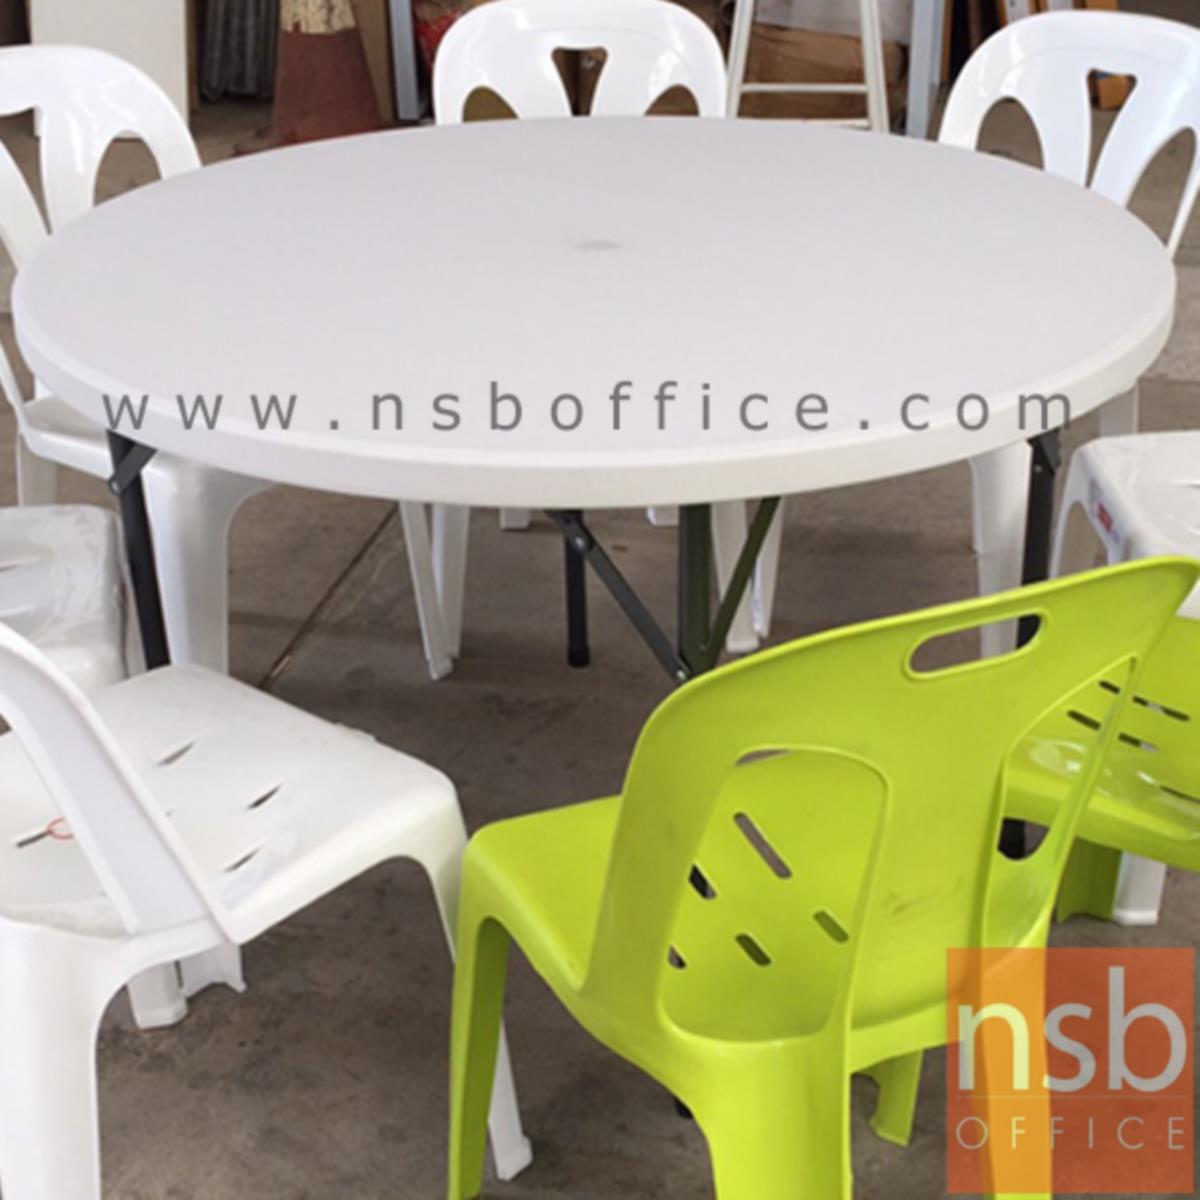 โต๊ะพับหน้าพลาสติก รุ่น PL-OPF  ขนาด 115Di cm.  ขาอีฟ็อกซี่เกล็ดเงิน